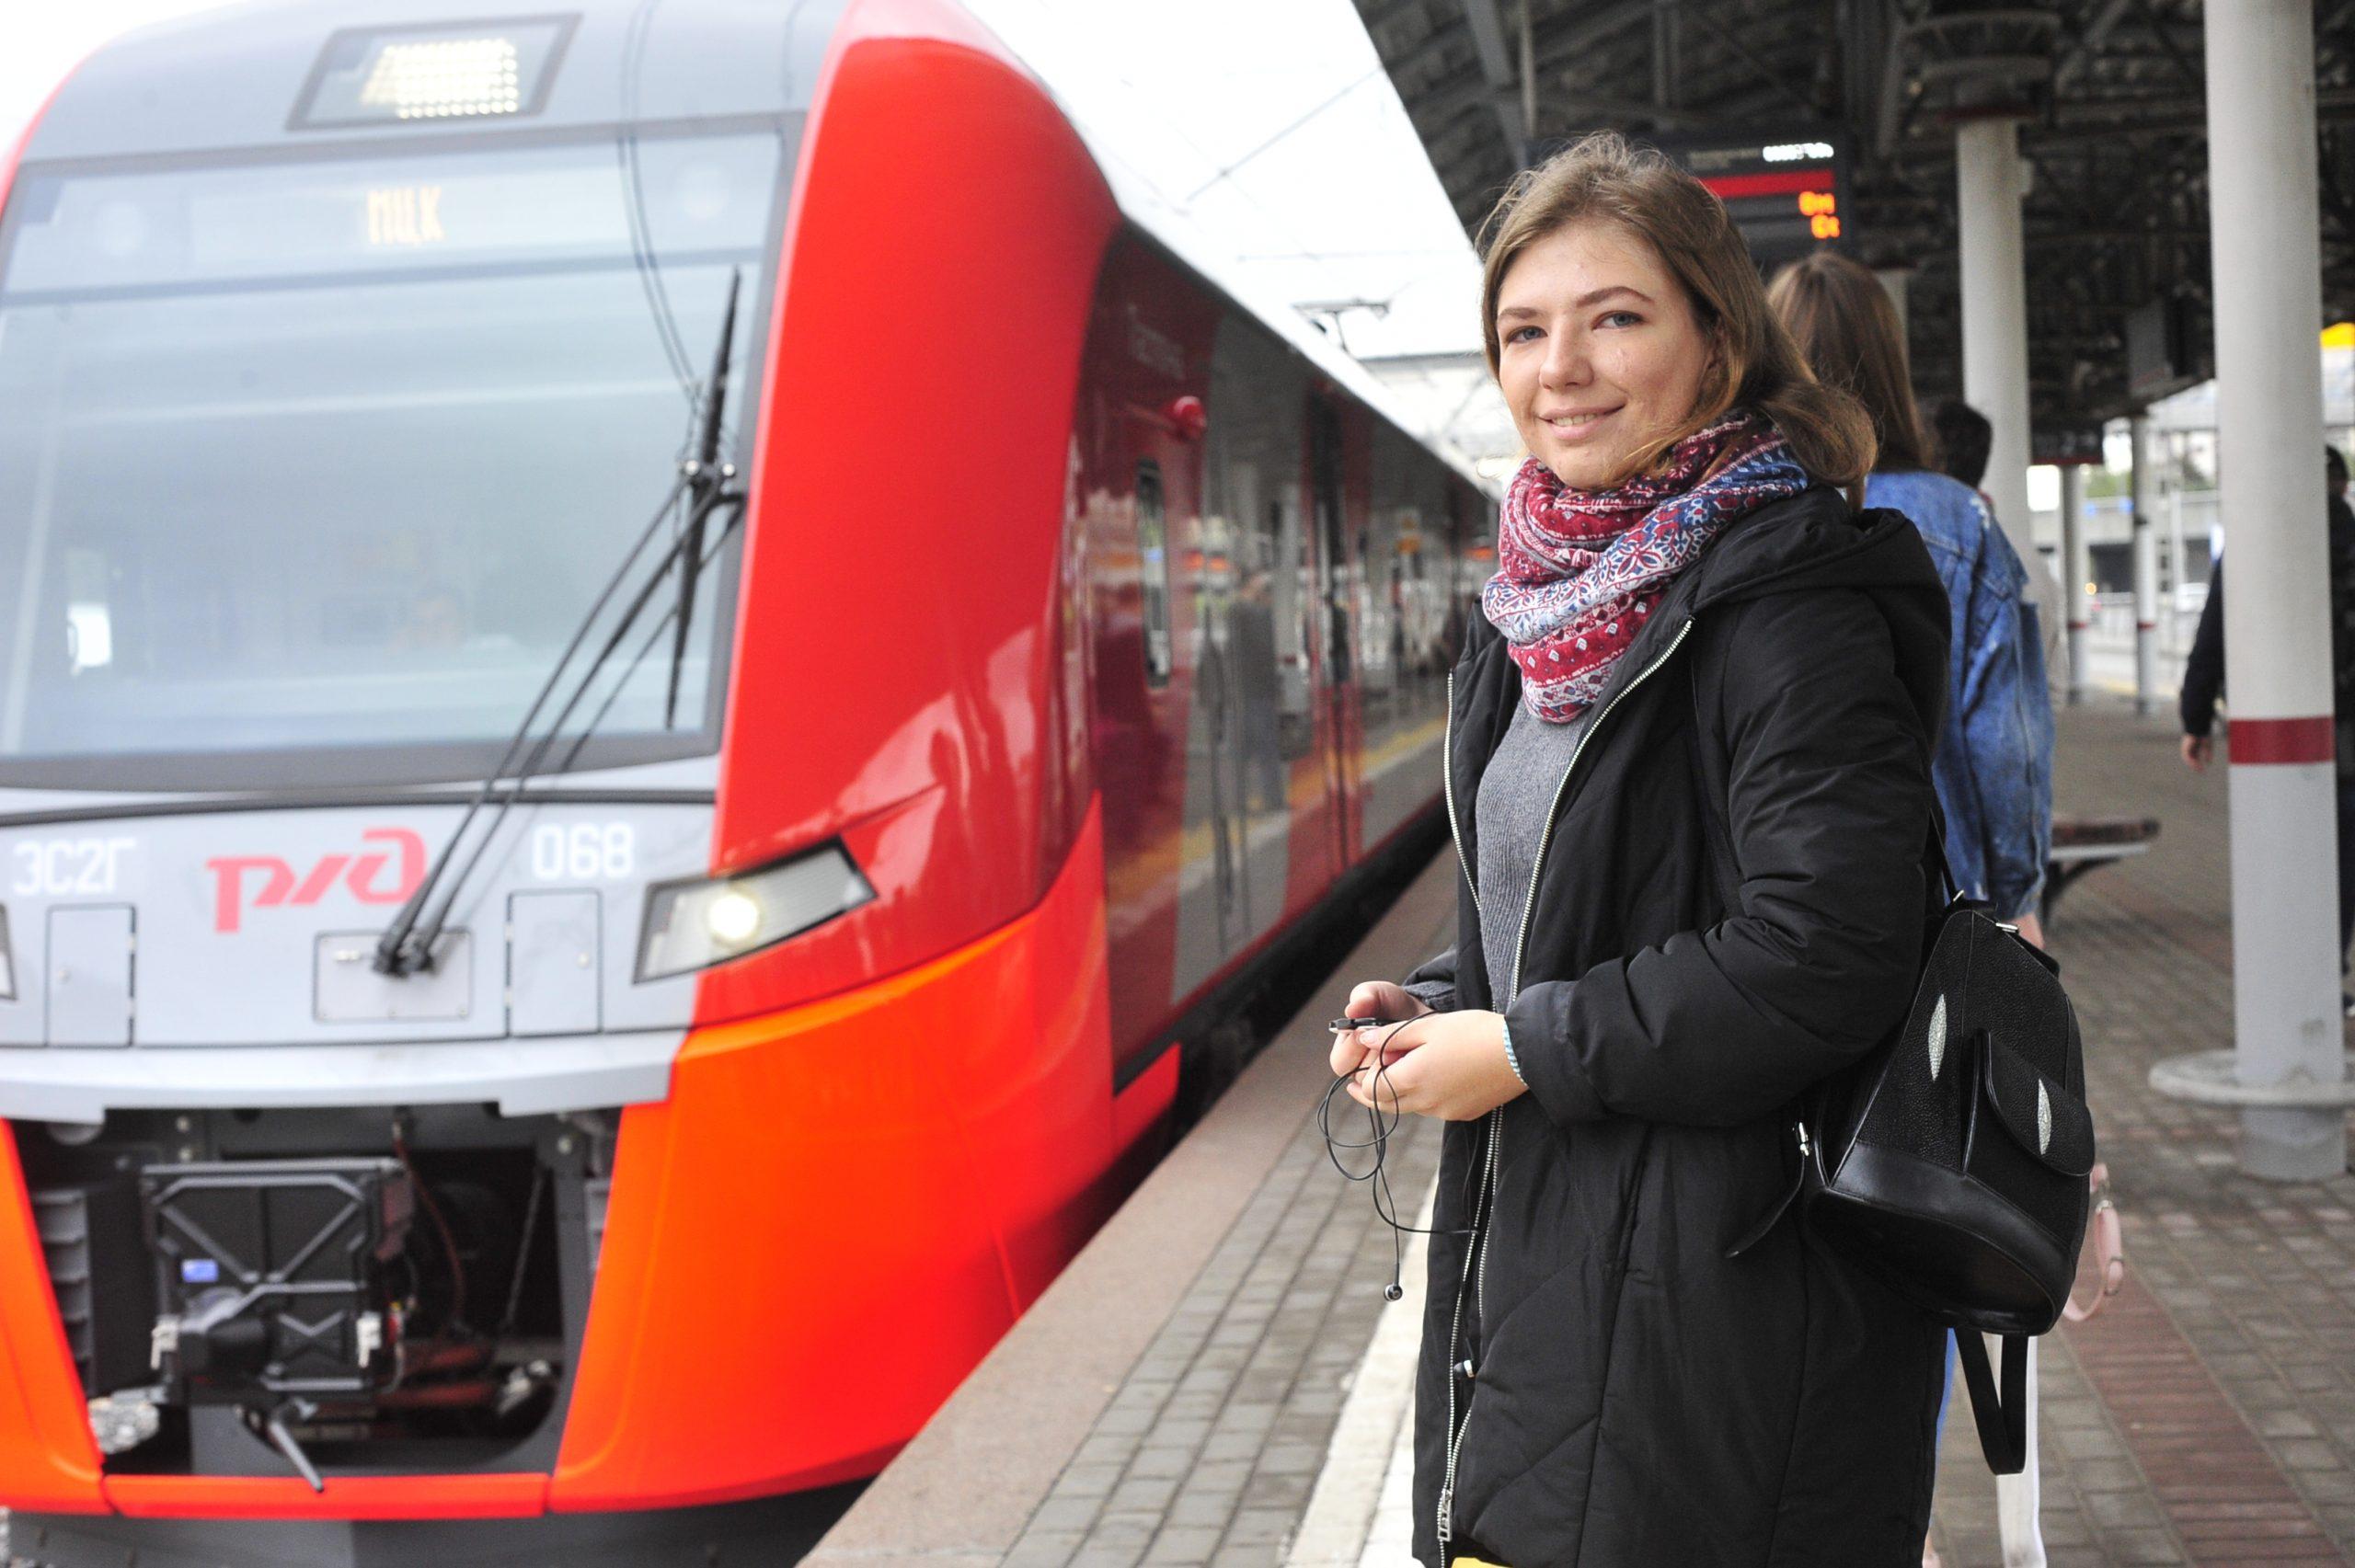 Новый вестибюль на станции МЦК «ЗИЛ» откроют в 2021 году